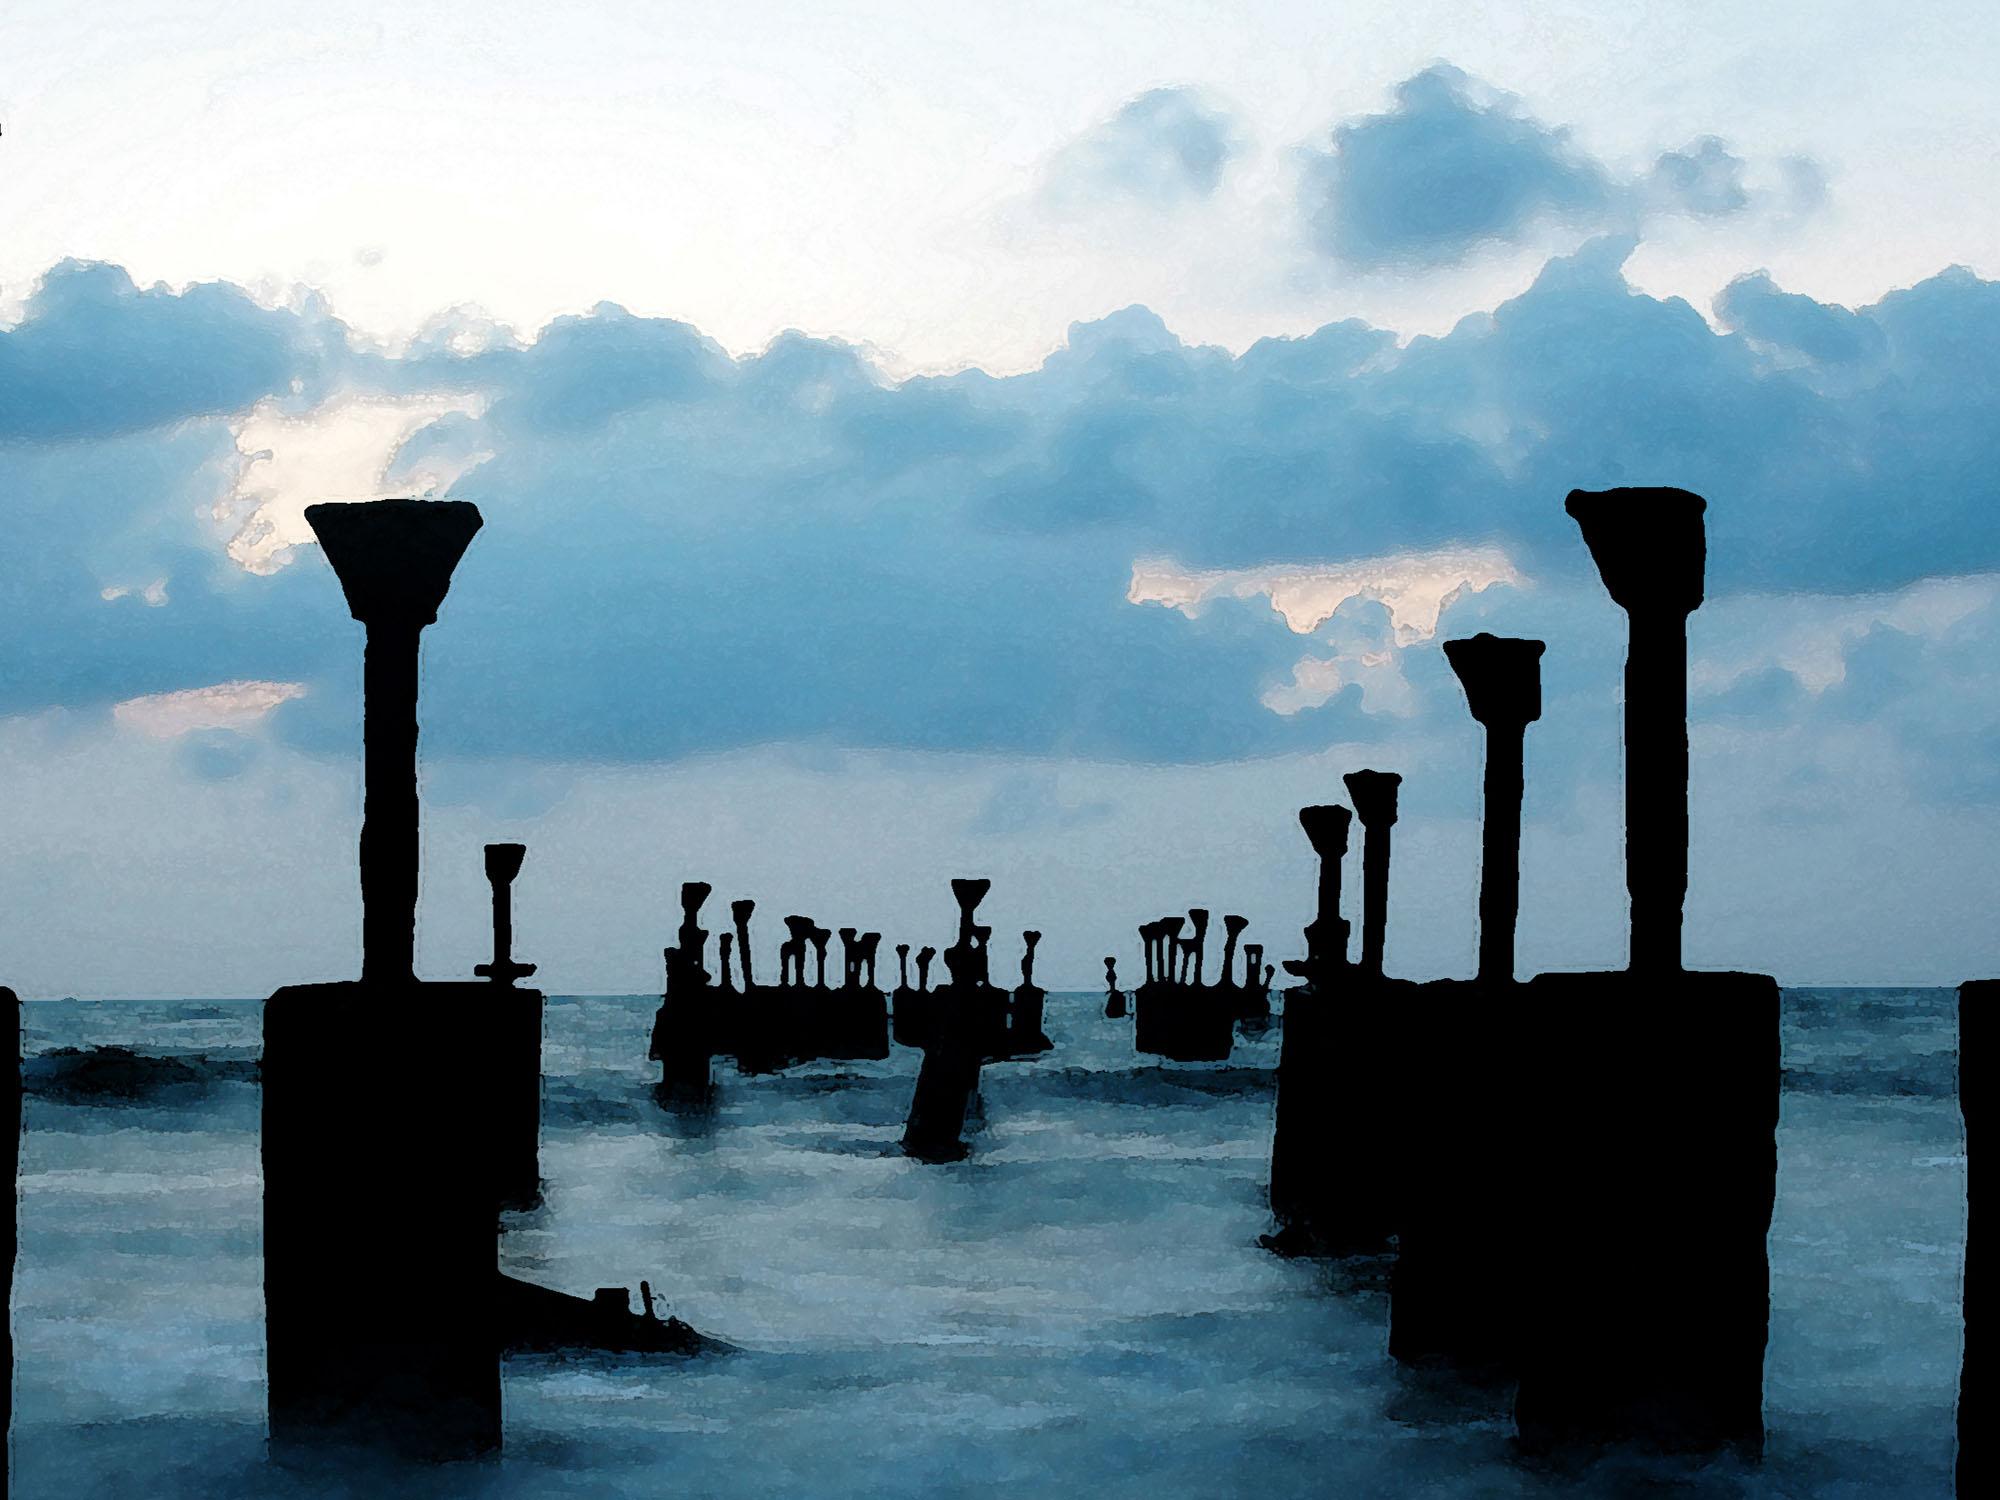 placesAround image